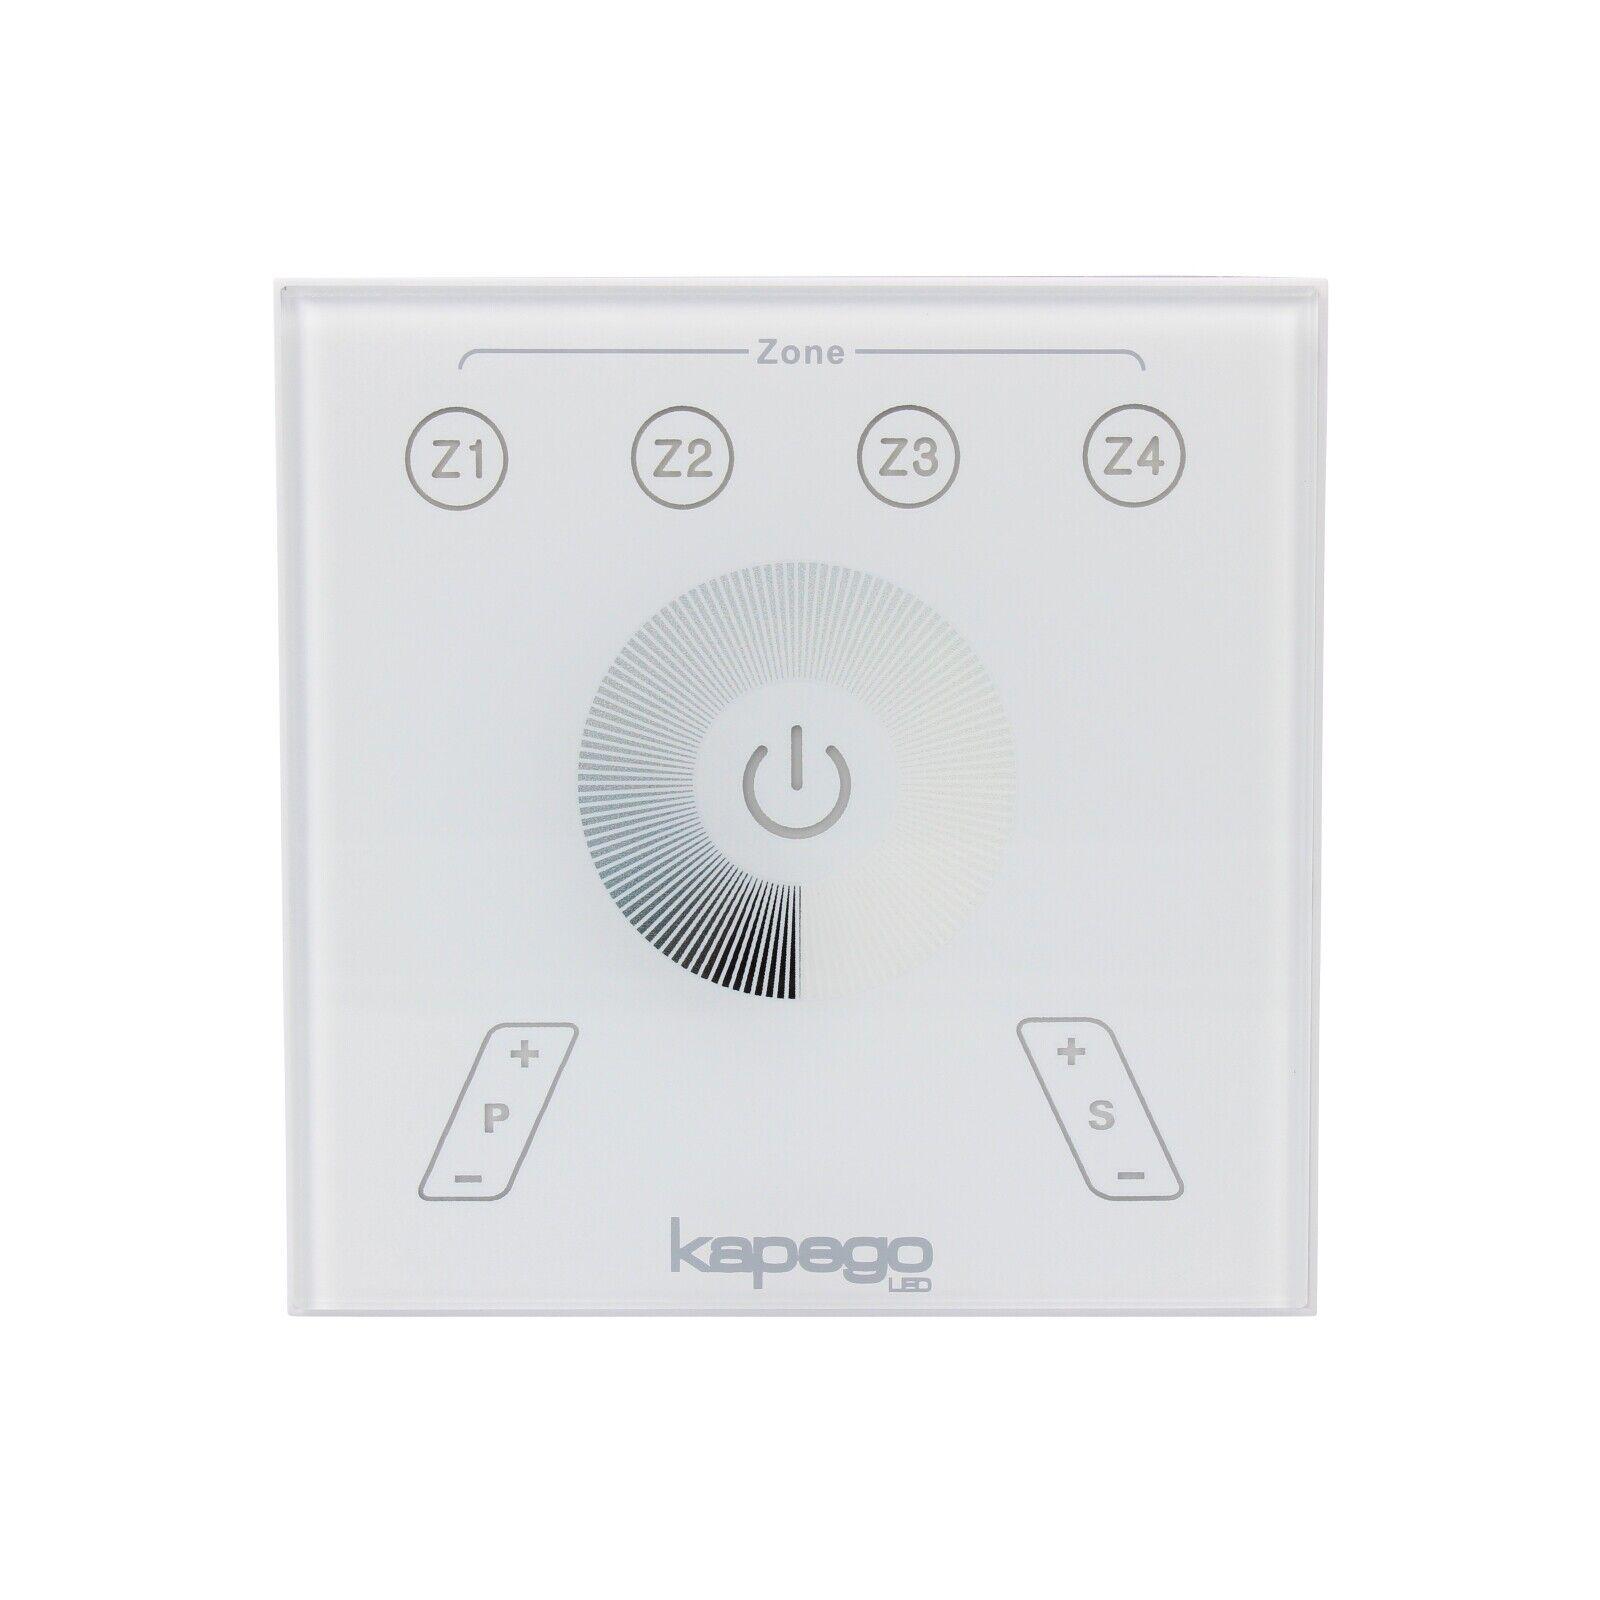 Funk Wand-Touch-Panel 4 Zonen Fernbedienung für KAPEGO Dimmer Controller RFsingl   | Gewinnen Sie hoch geschätzt  | Hohe Qualität und Wirtschaftlichkeit  | Sonderkauf